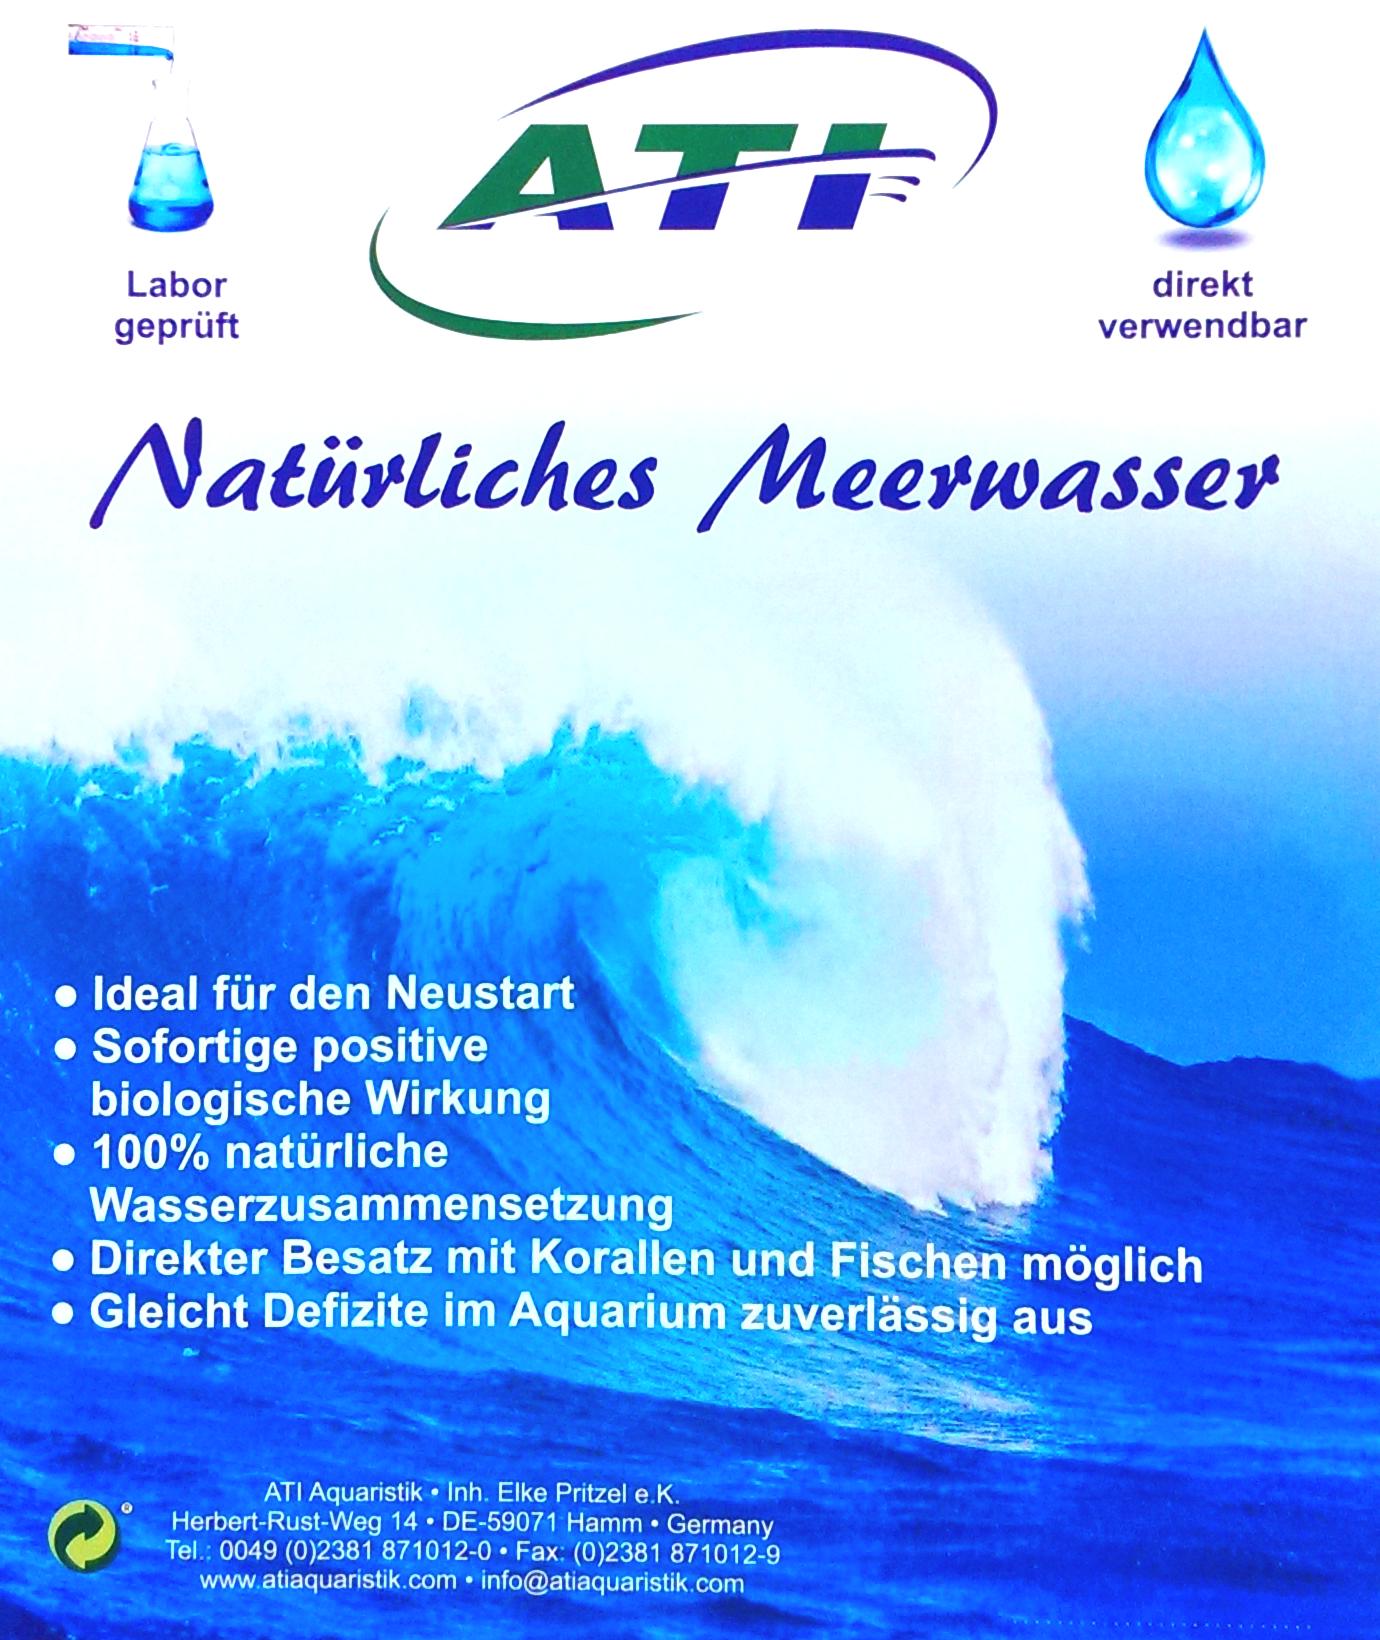 Natürliches Meerwasser